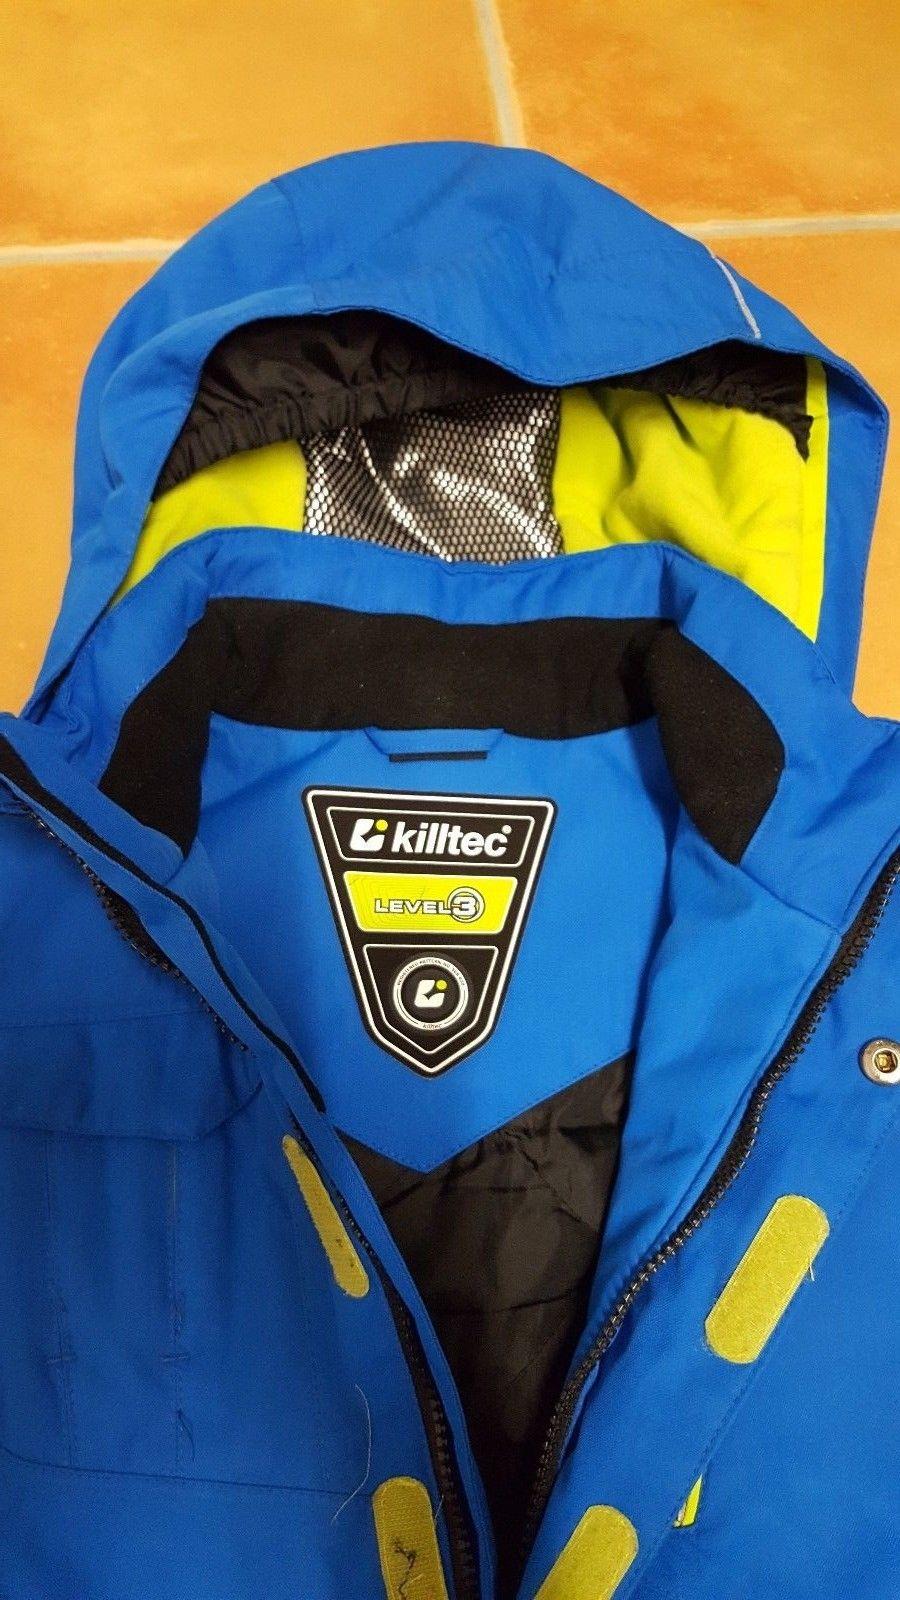 TOP Winterjacke von KILLTEC, wNEU, mit Etikett, Skijacke, Gr. 128, viele Fotos!